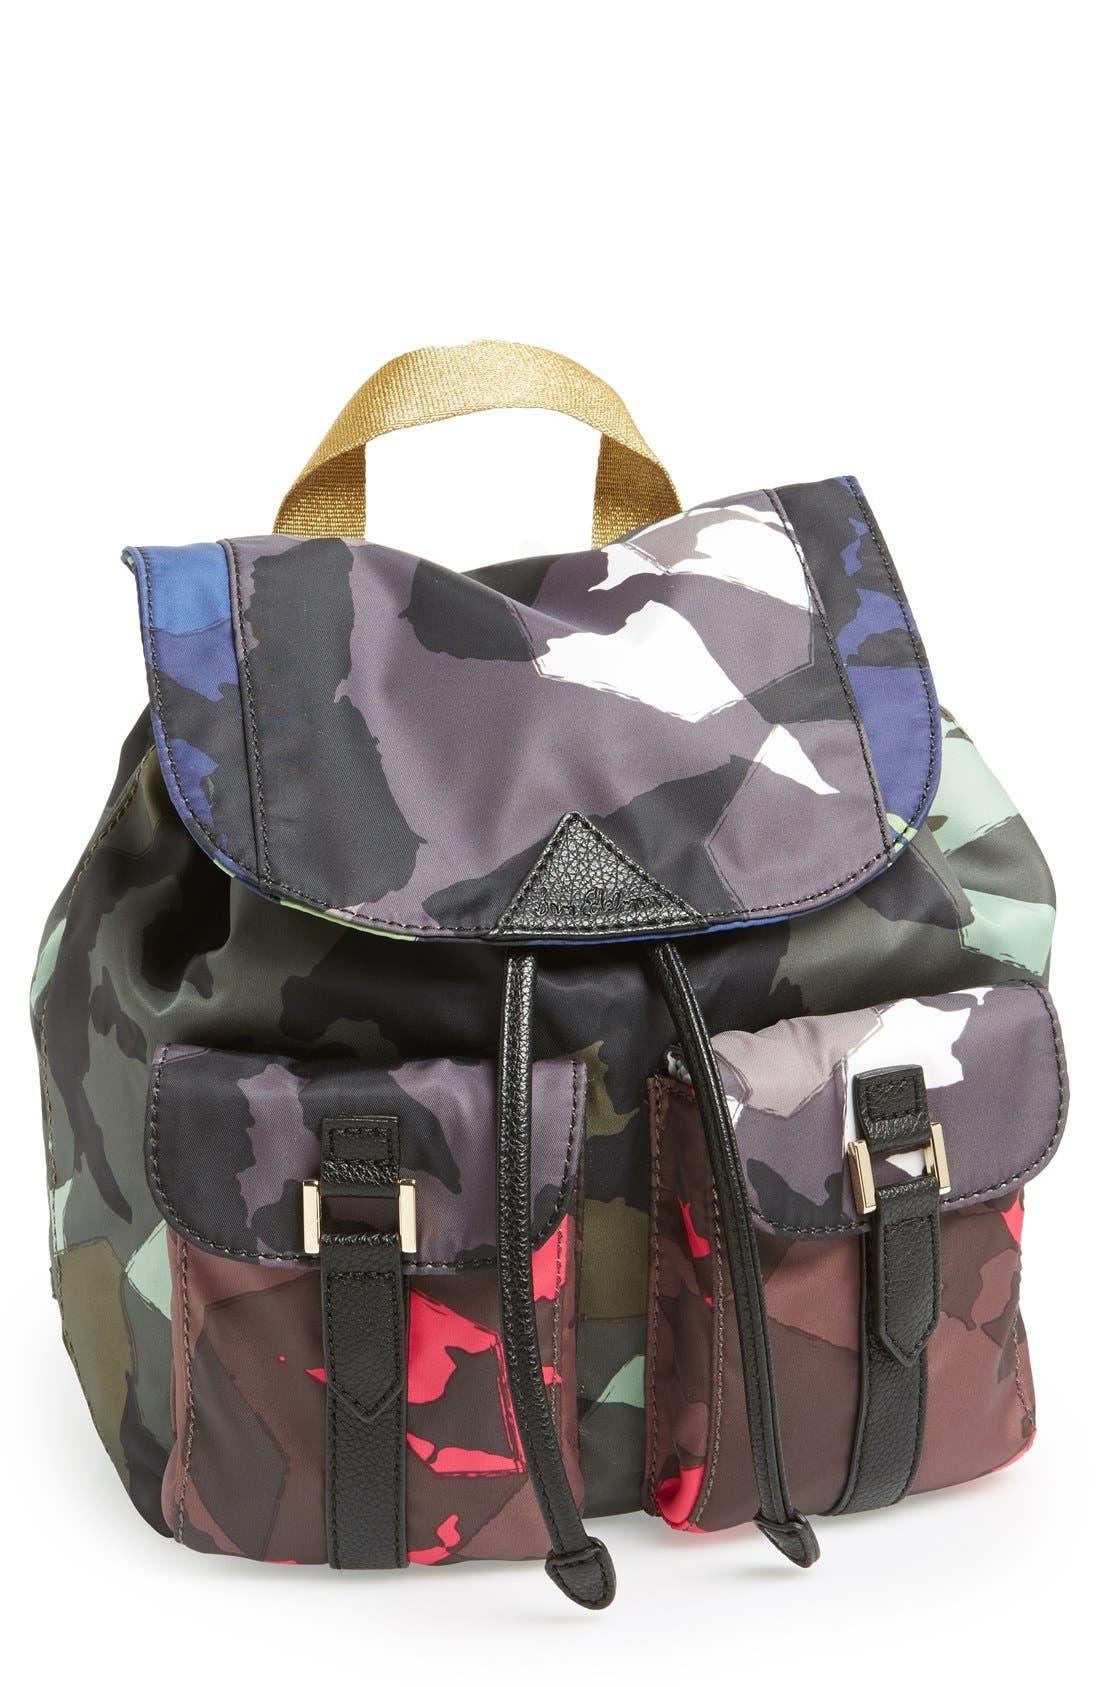 Main Image - Sam Edelman 'Large' Nylon Backpack